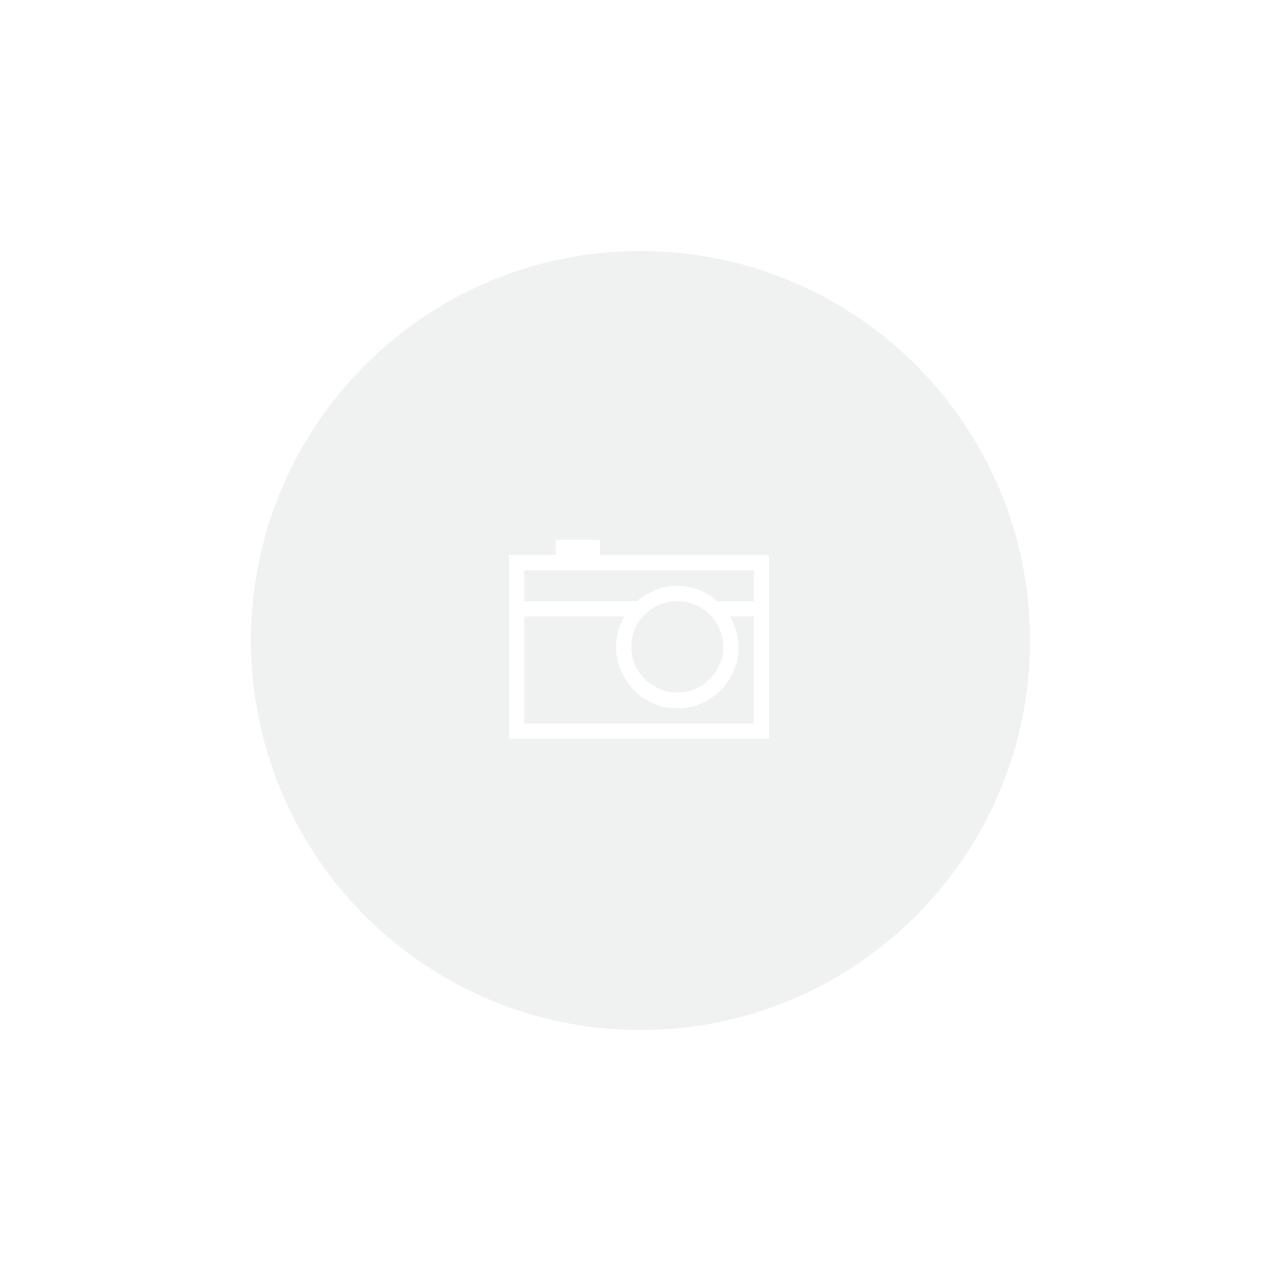 Tenuta di Sesta Brunello di Montalcino 2014